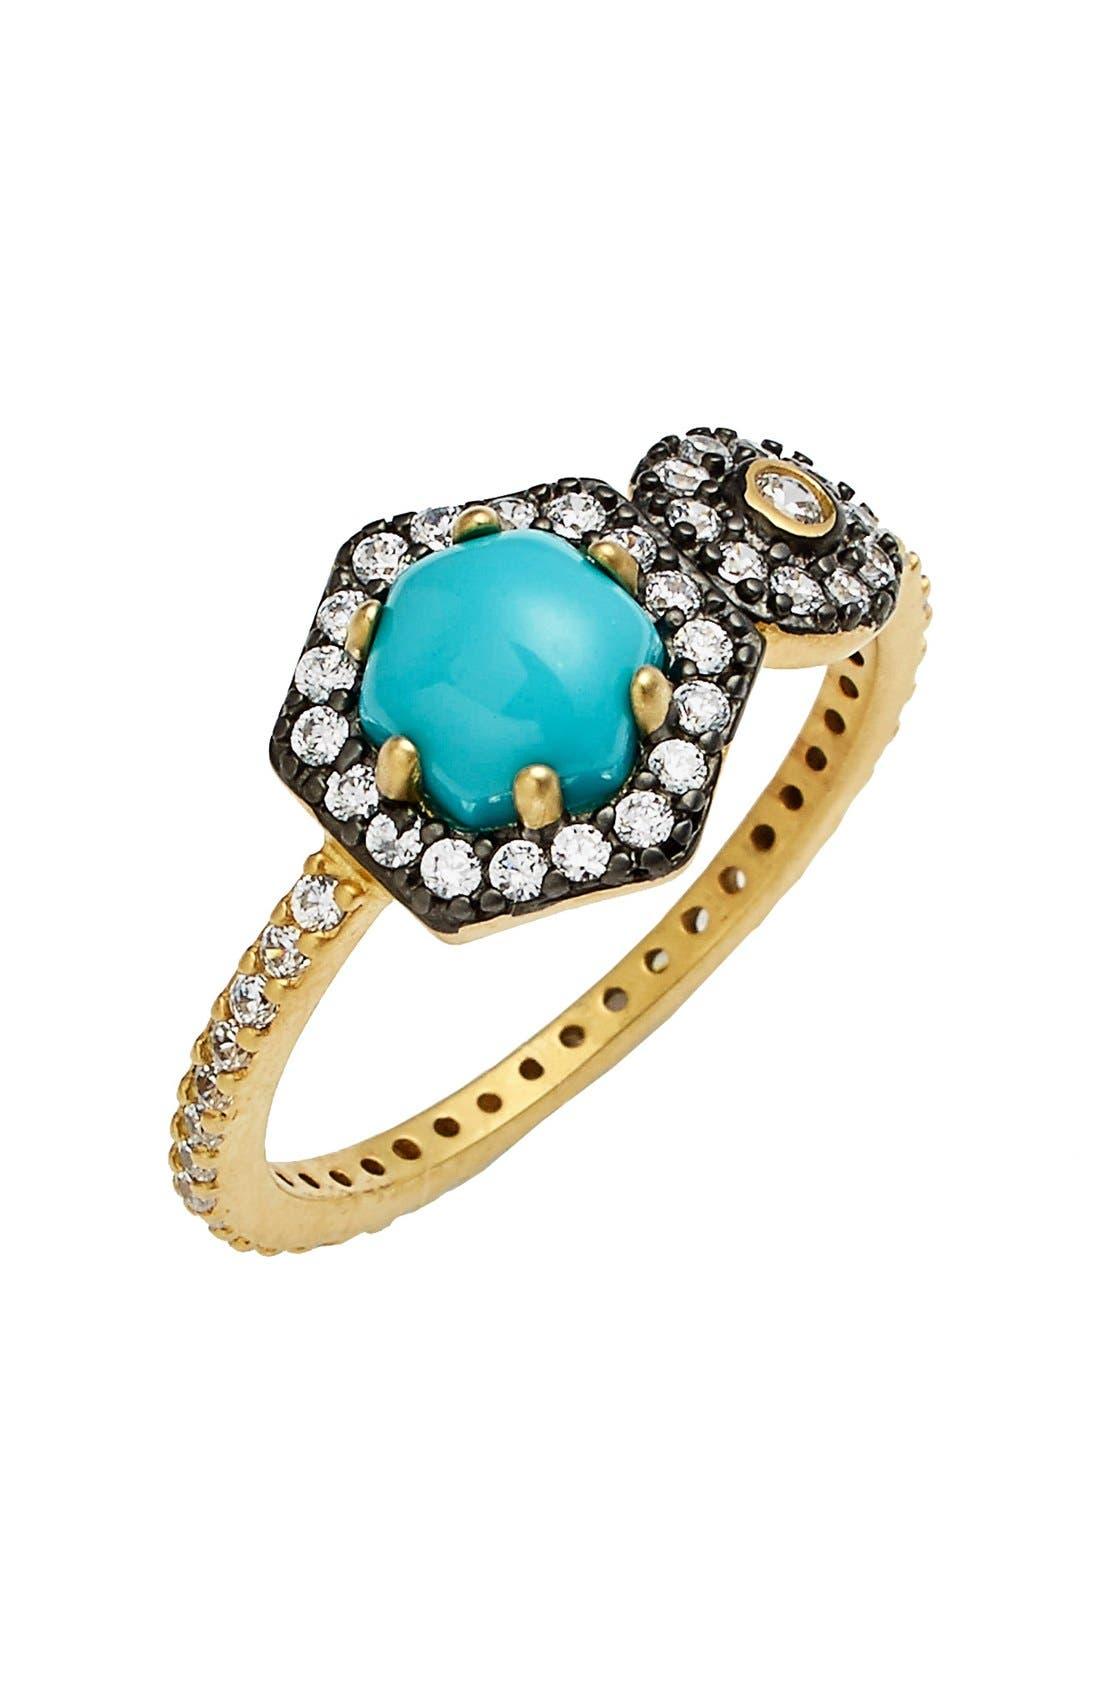 Main Image - FREIDA ROTHMAN 'Metropolitan' Stone Two-Tone Ring